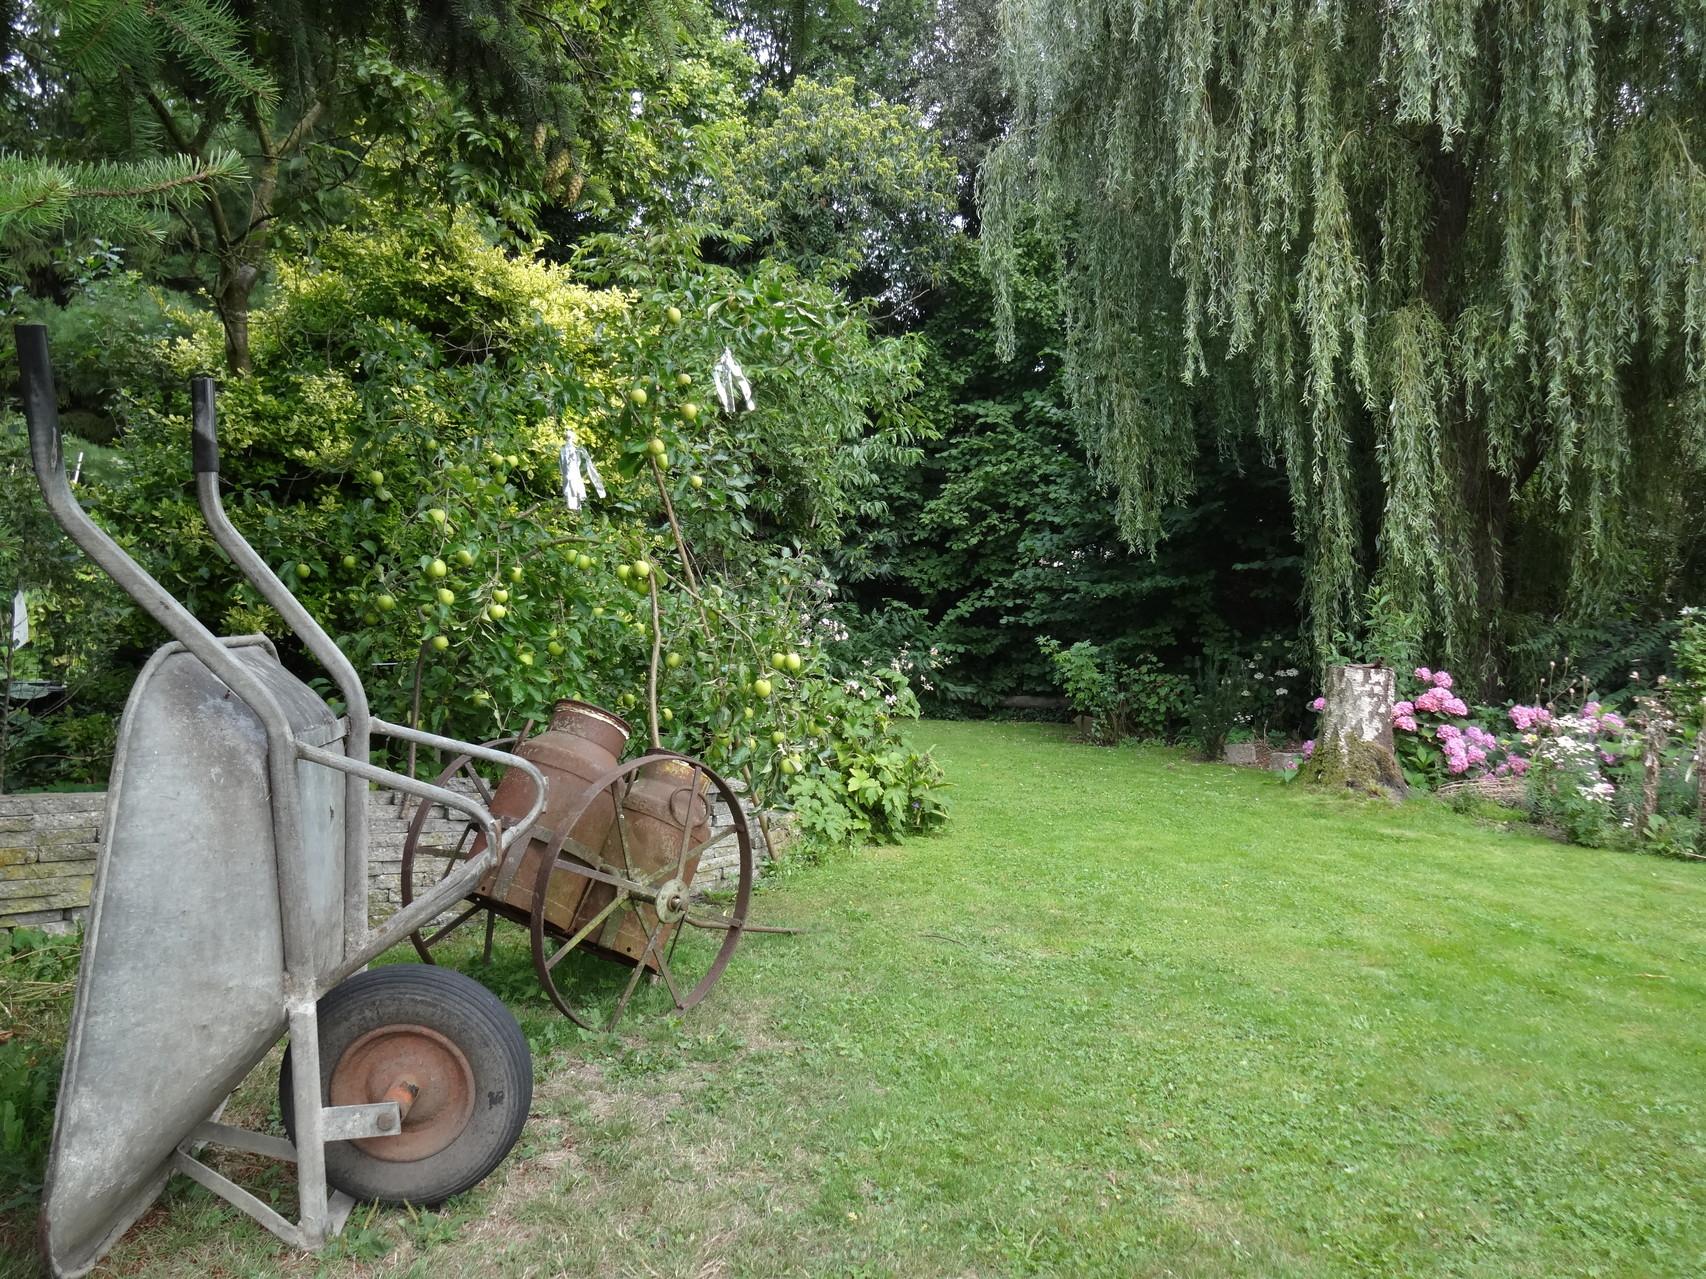 Een klein ommetje maken, door de prachtige tuin